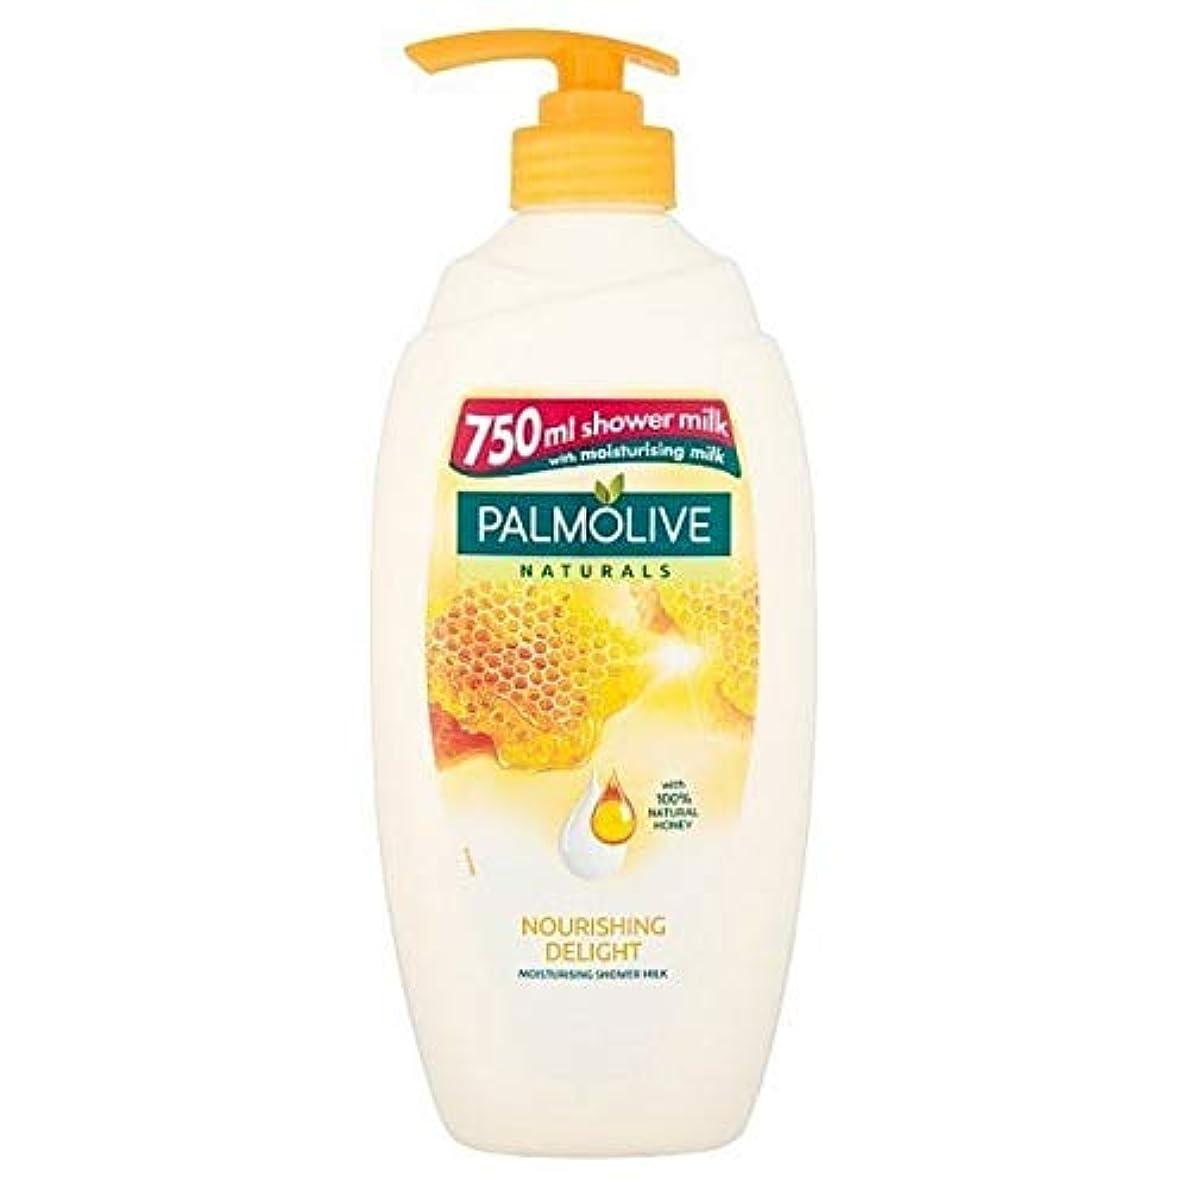 お香変換なに[Palmolive ] パルモライブナチュラルミルク&ハニーシャワージェルクリーム750ミリリットル - Palmolive Naturals Milk & Honey Shower Gel Cream 750ml [...